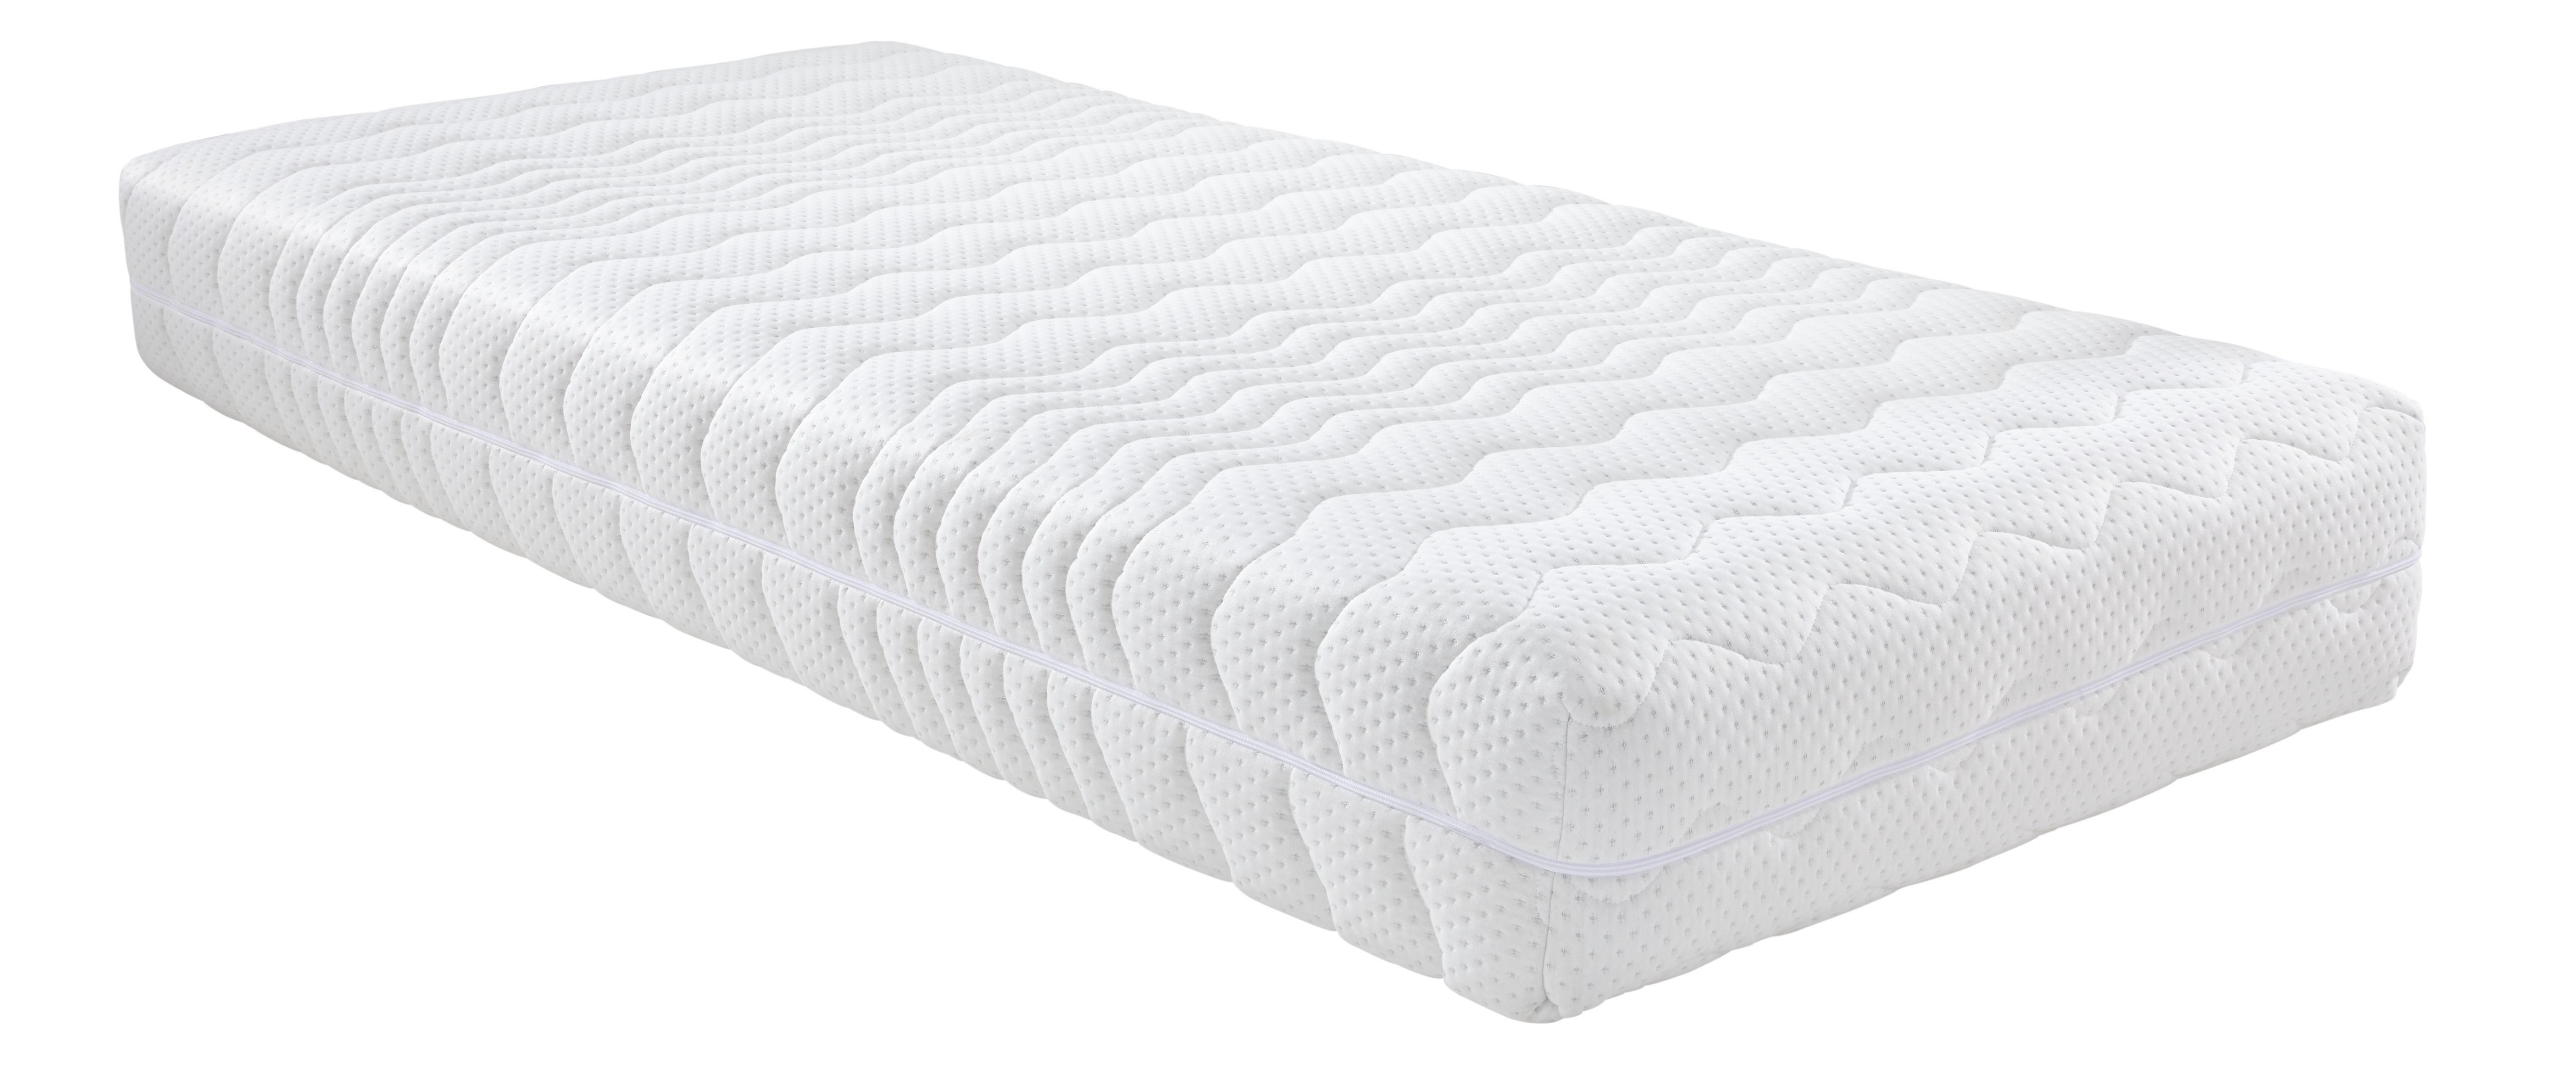 Komfortschaummatratze ca. 80x200cm - Weiß, Textil (200/80/25cm) - NADANA